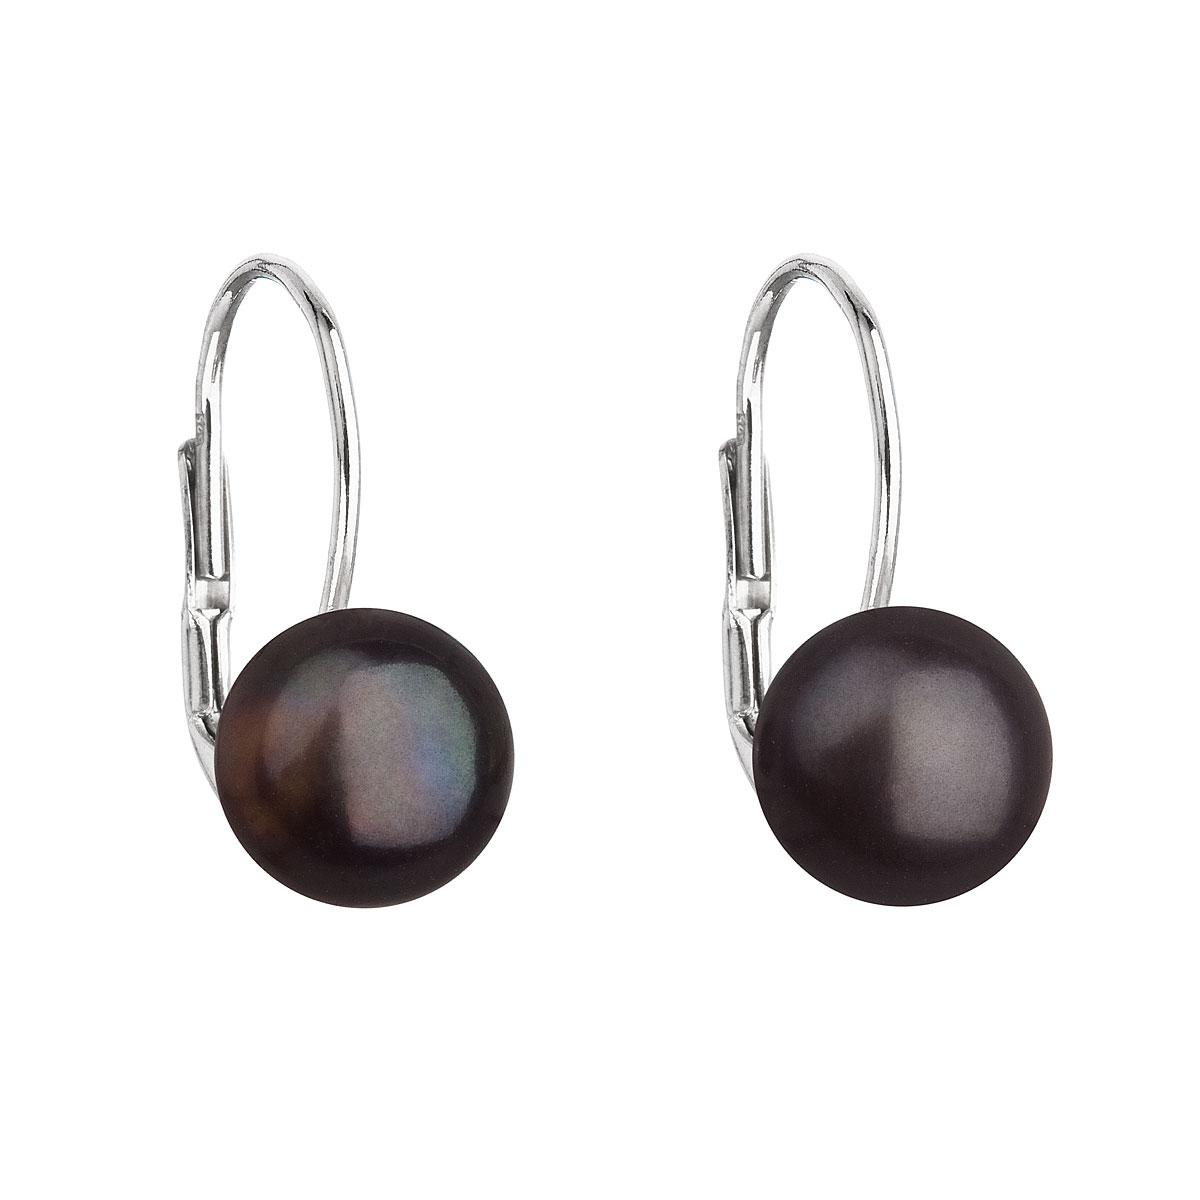 Strieborné náušnice visiace s čiernou riečnou perlou 21044.3